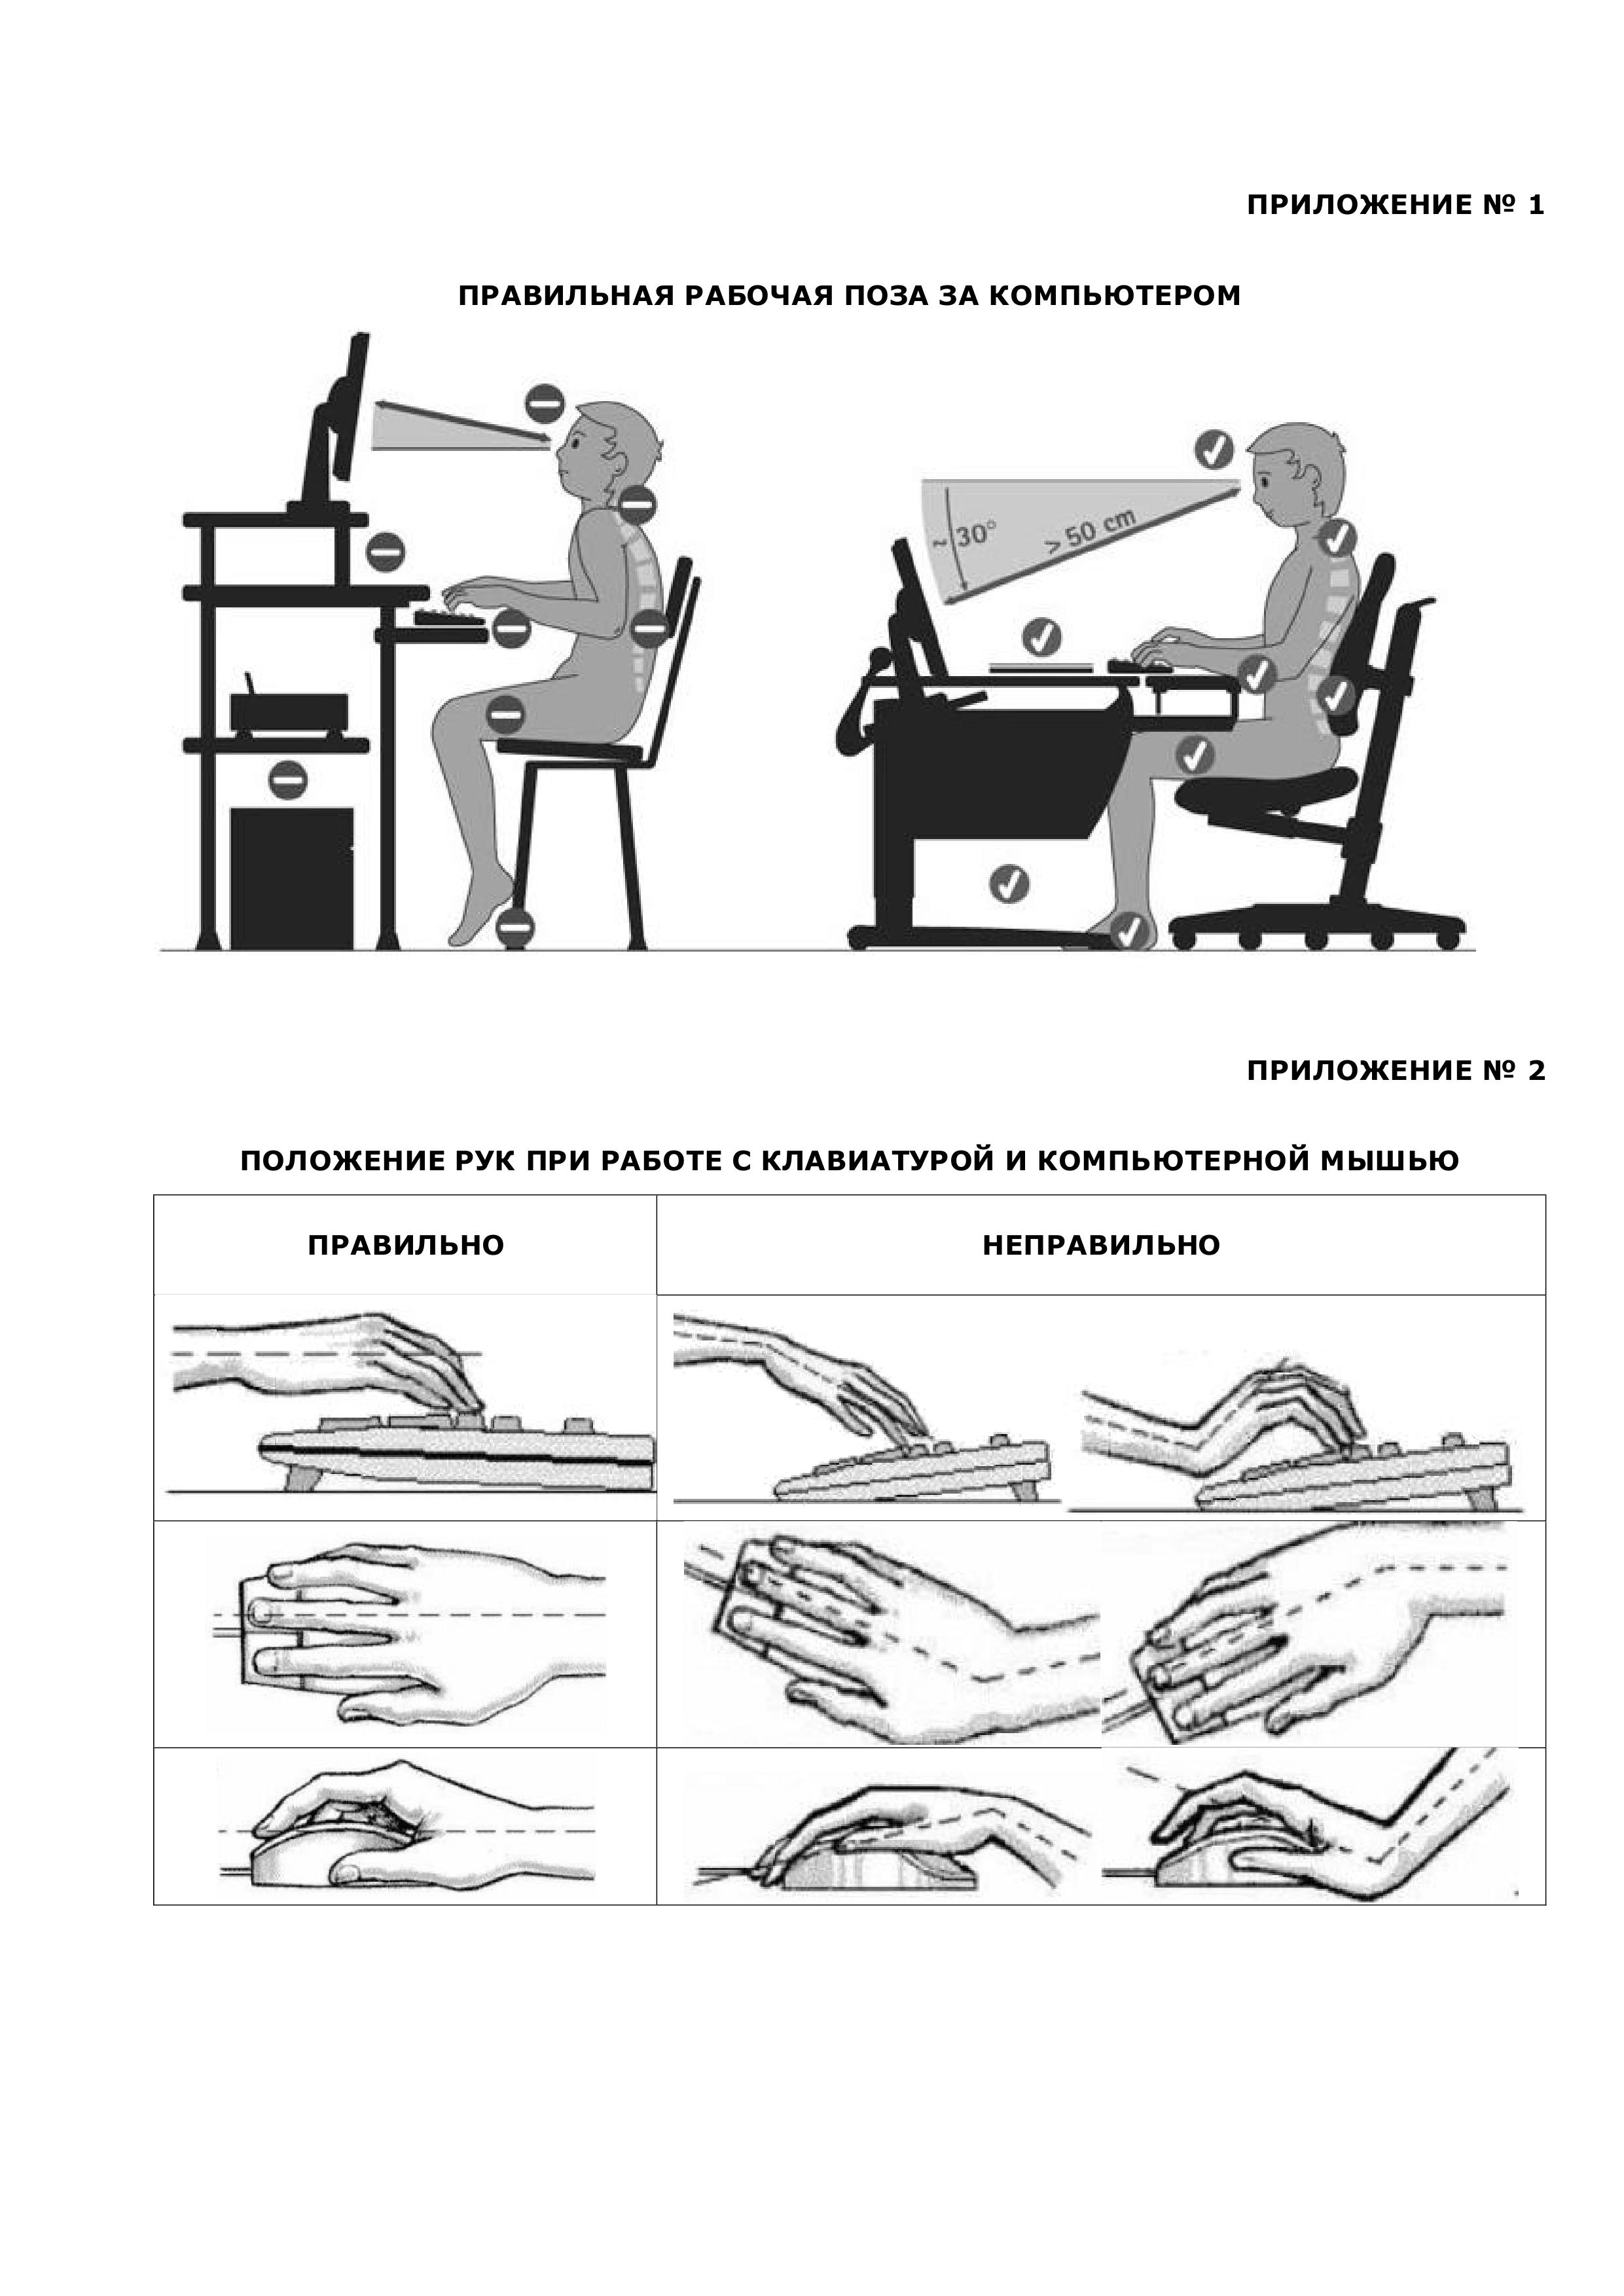 инструкция по охране труда окрасочных аппаратов высокого давления